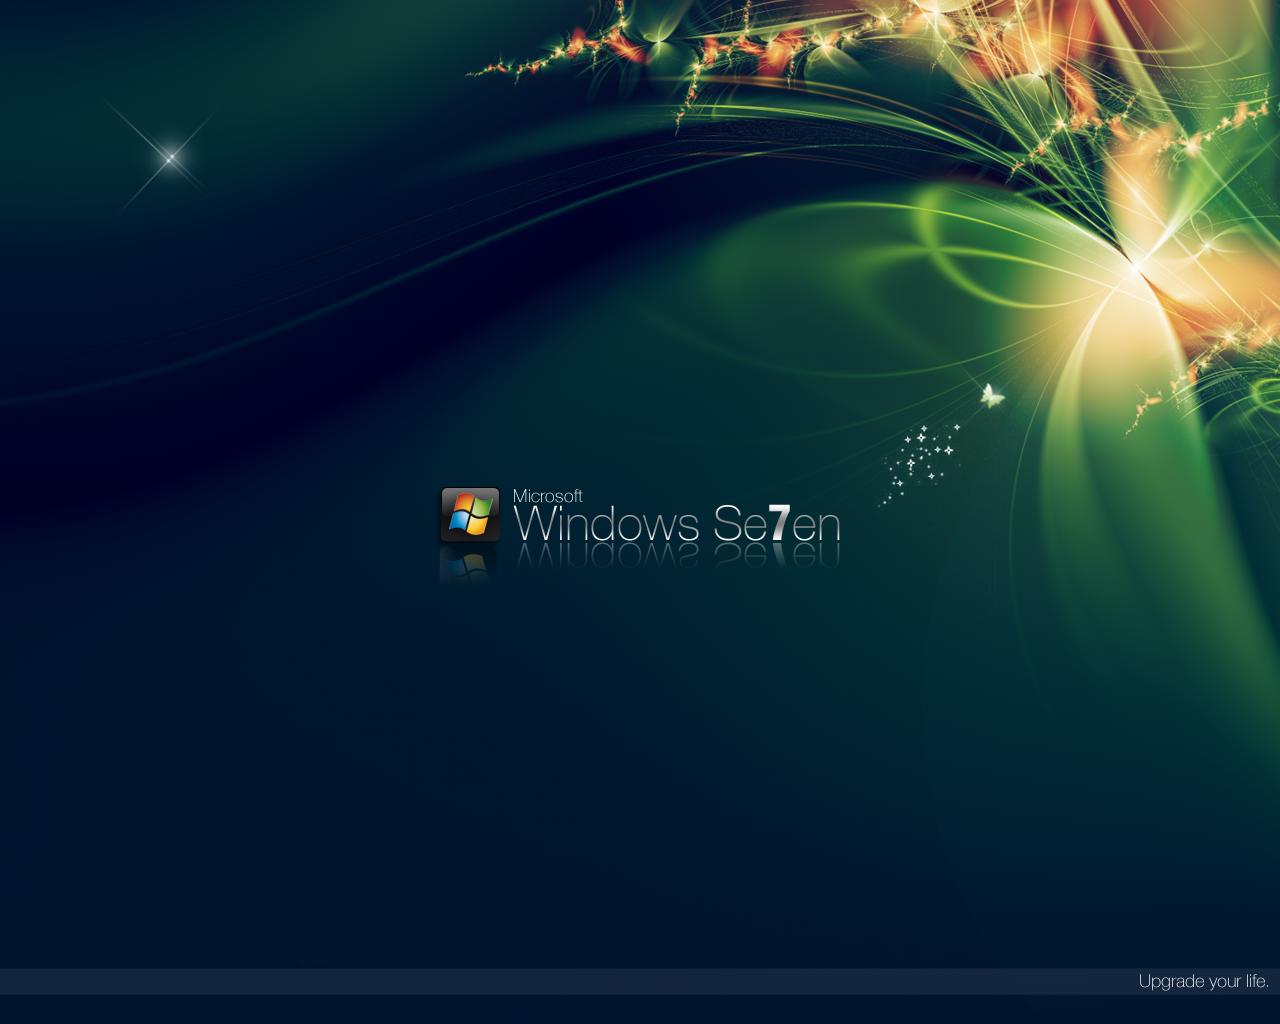 http://4.bp.blogspot.com/-GRdDd-ChJuI/Tfz0Hva95pI/AAAAAAAAIXk/kZK2ZYr55F4/s1600/windows_seven_wallpaper.png